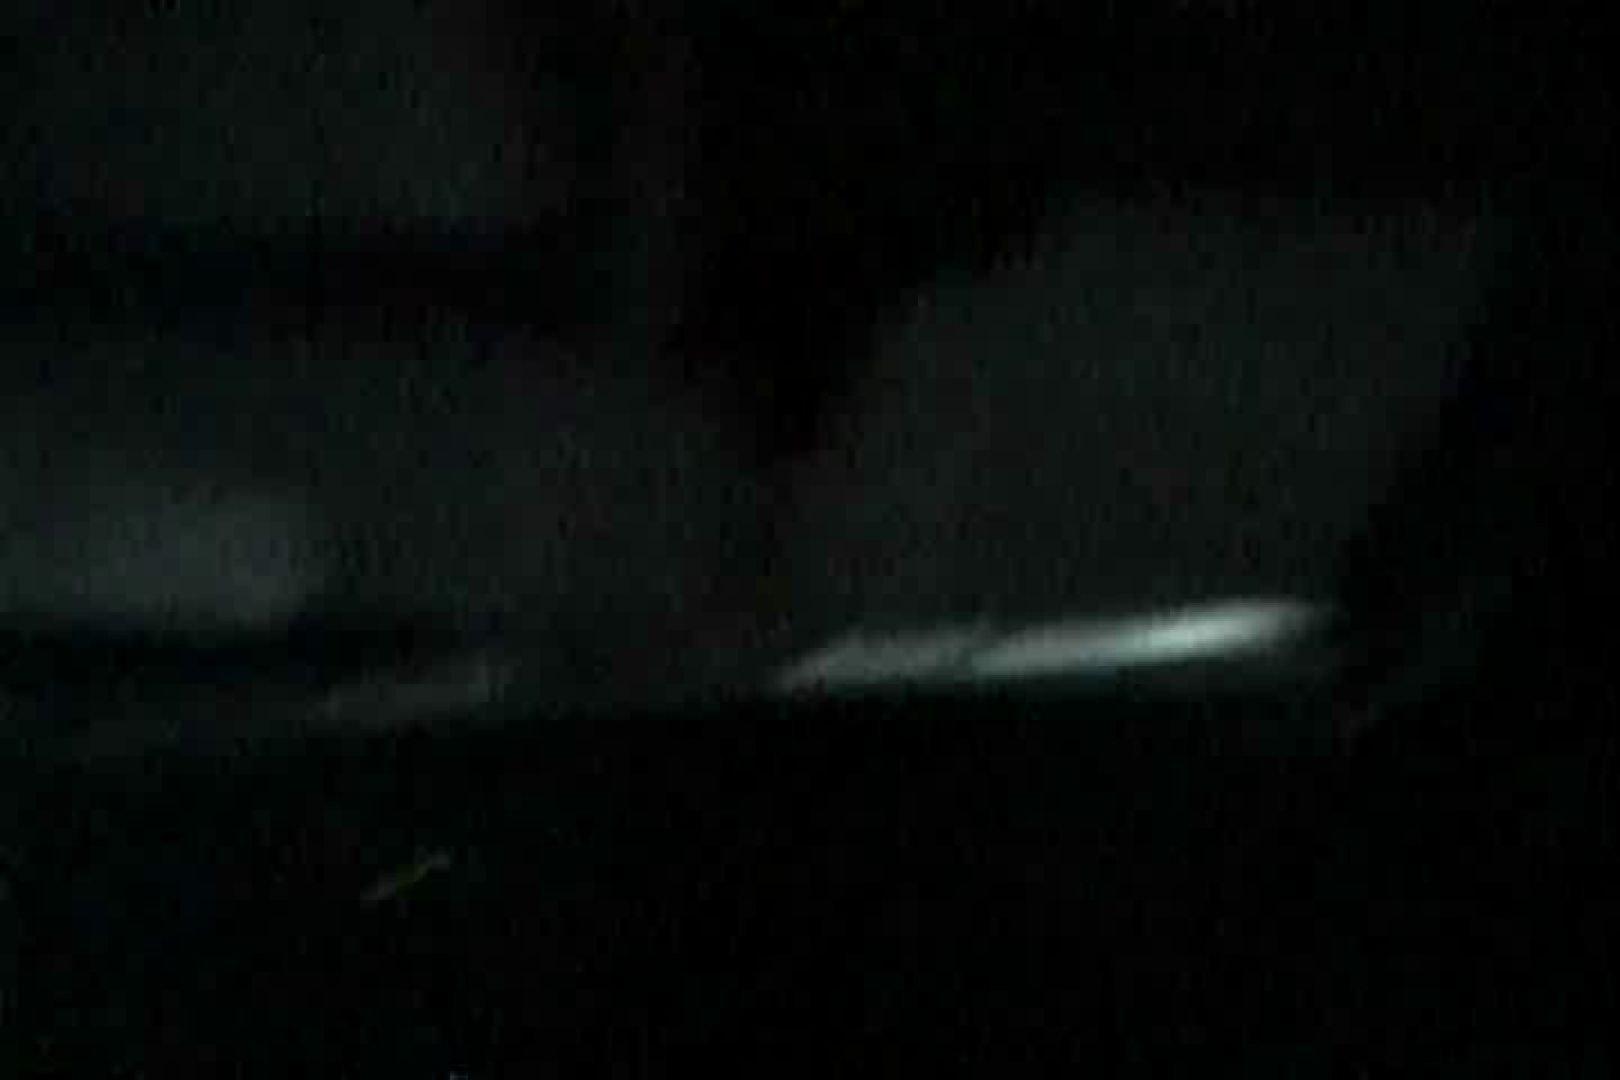 充血監督の深夜の運動会Vol.126 OLの実態 盗撮戯れ無修正画像 92pic 12